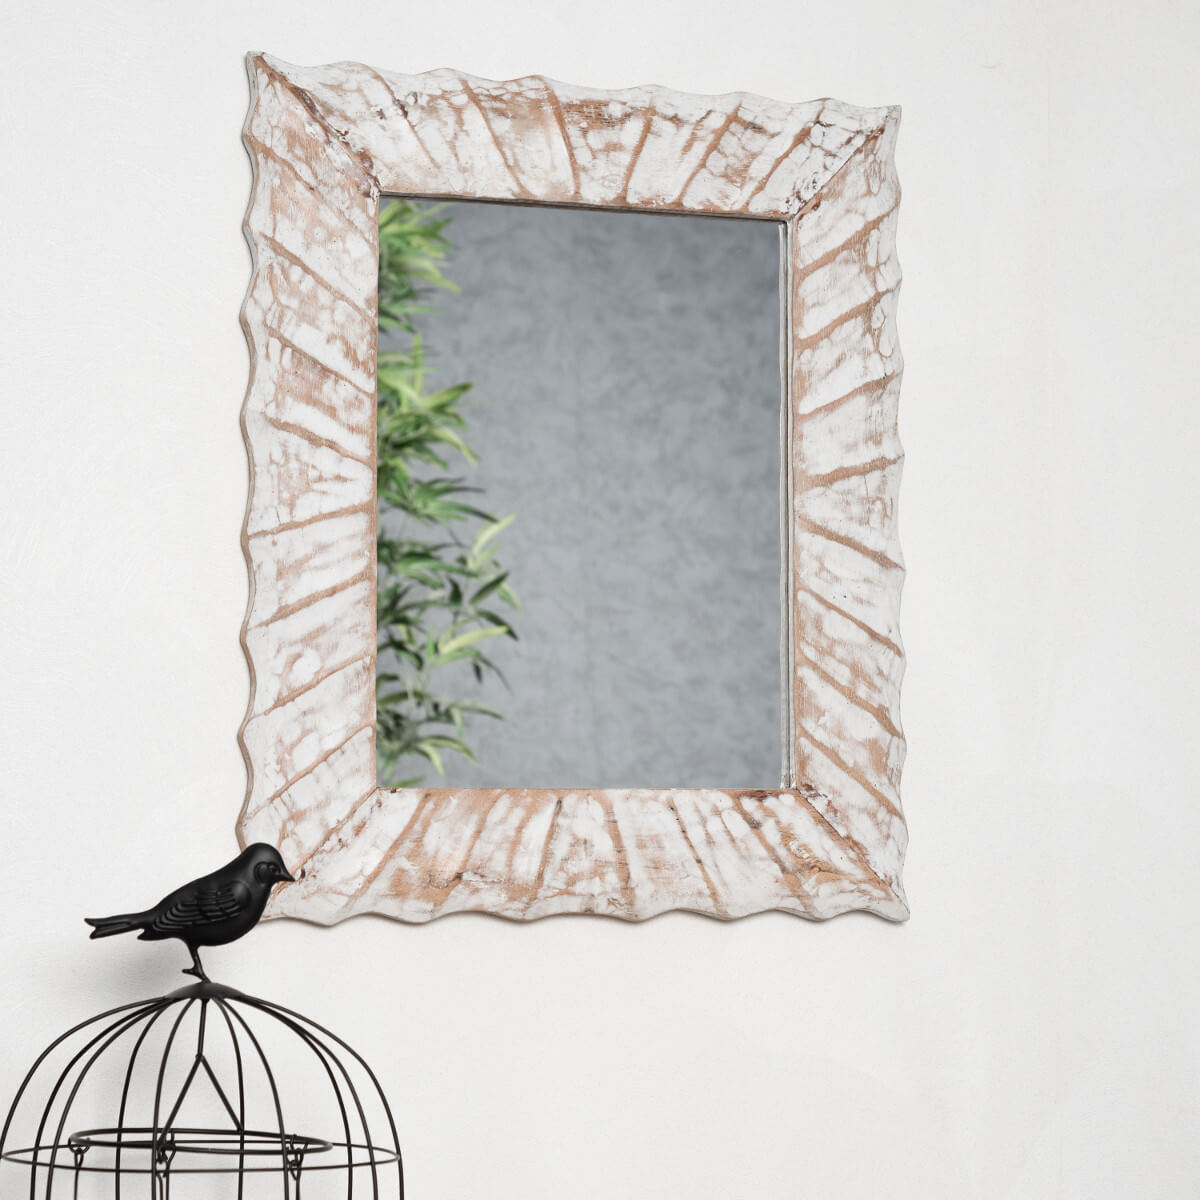 Miroir de d coration en bois massif alicante - Blanc de ceruse ...